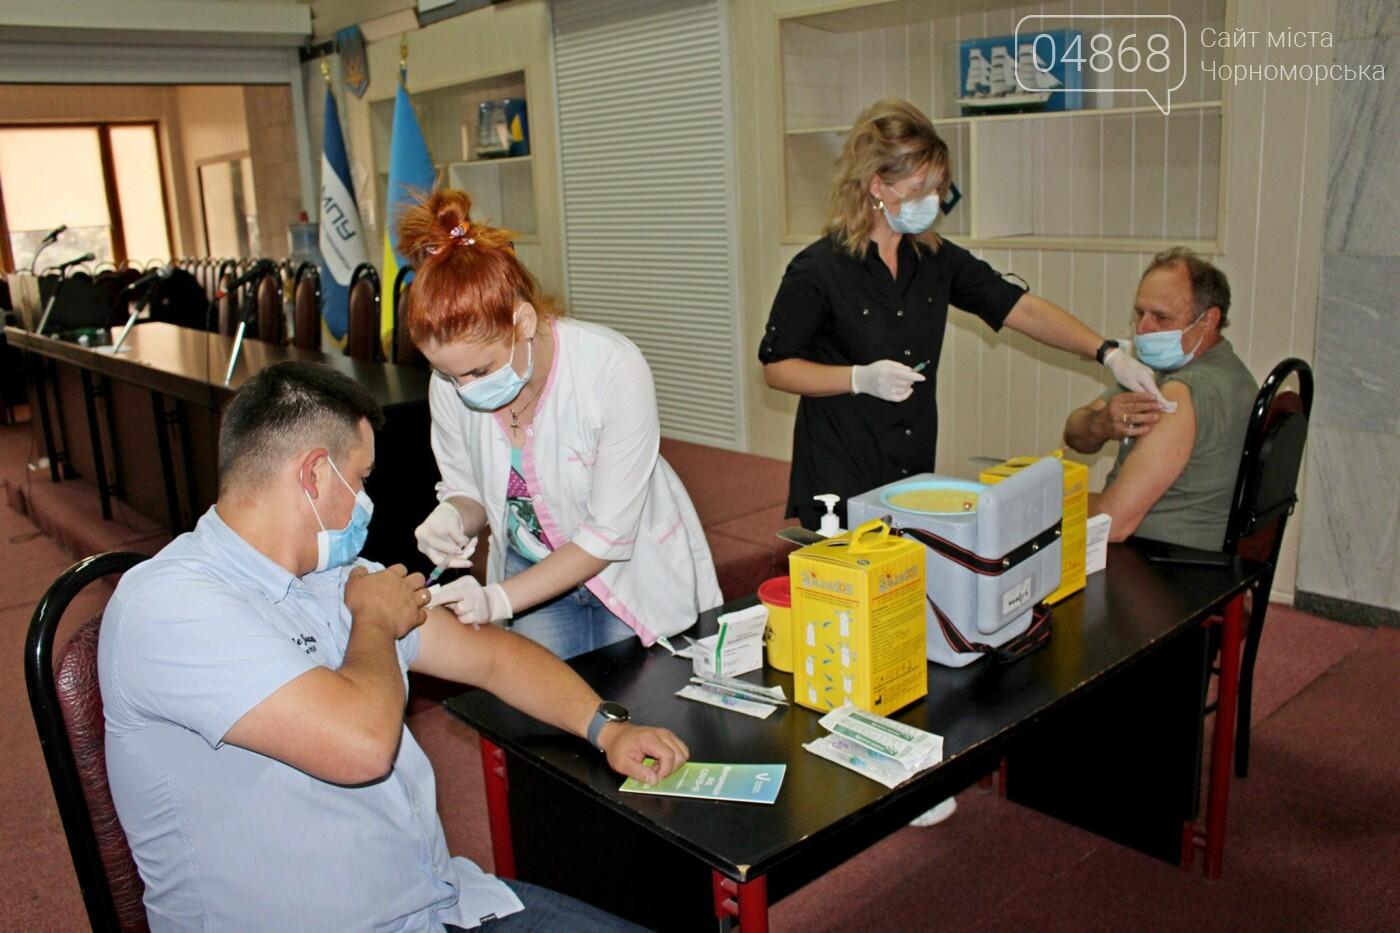 В порту Черноморска провели первый этап вакцинации от Covid-19 работников, фото-5